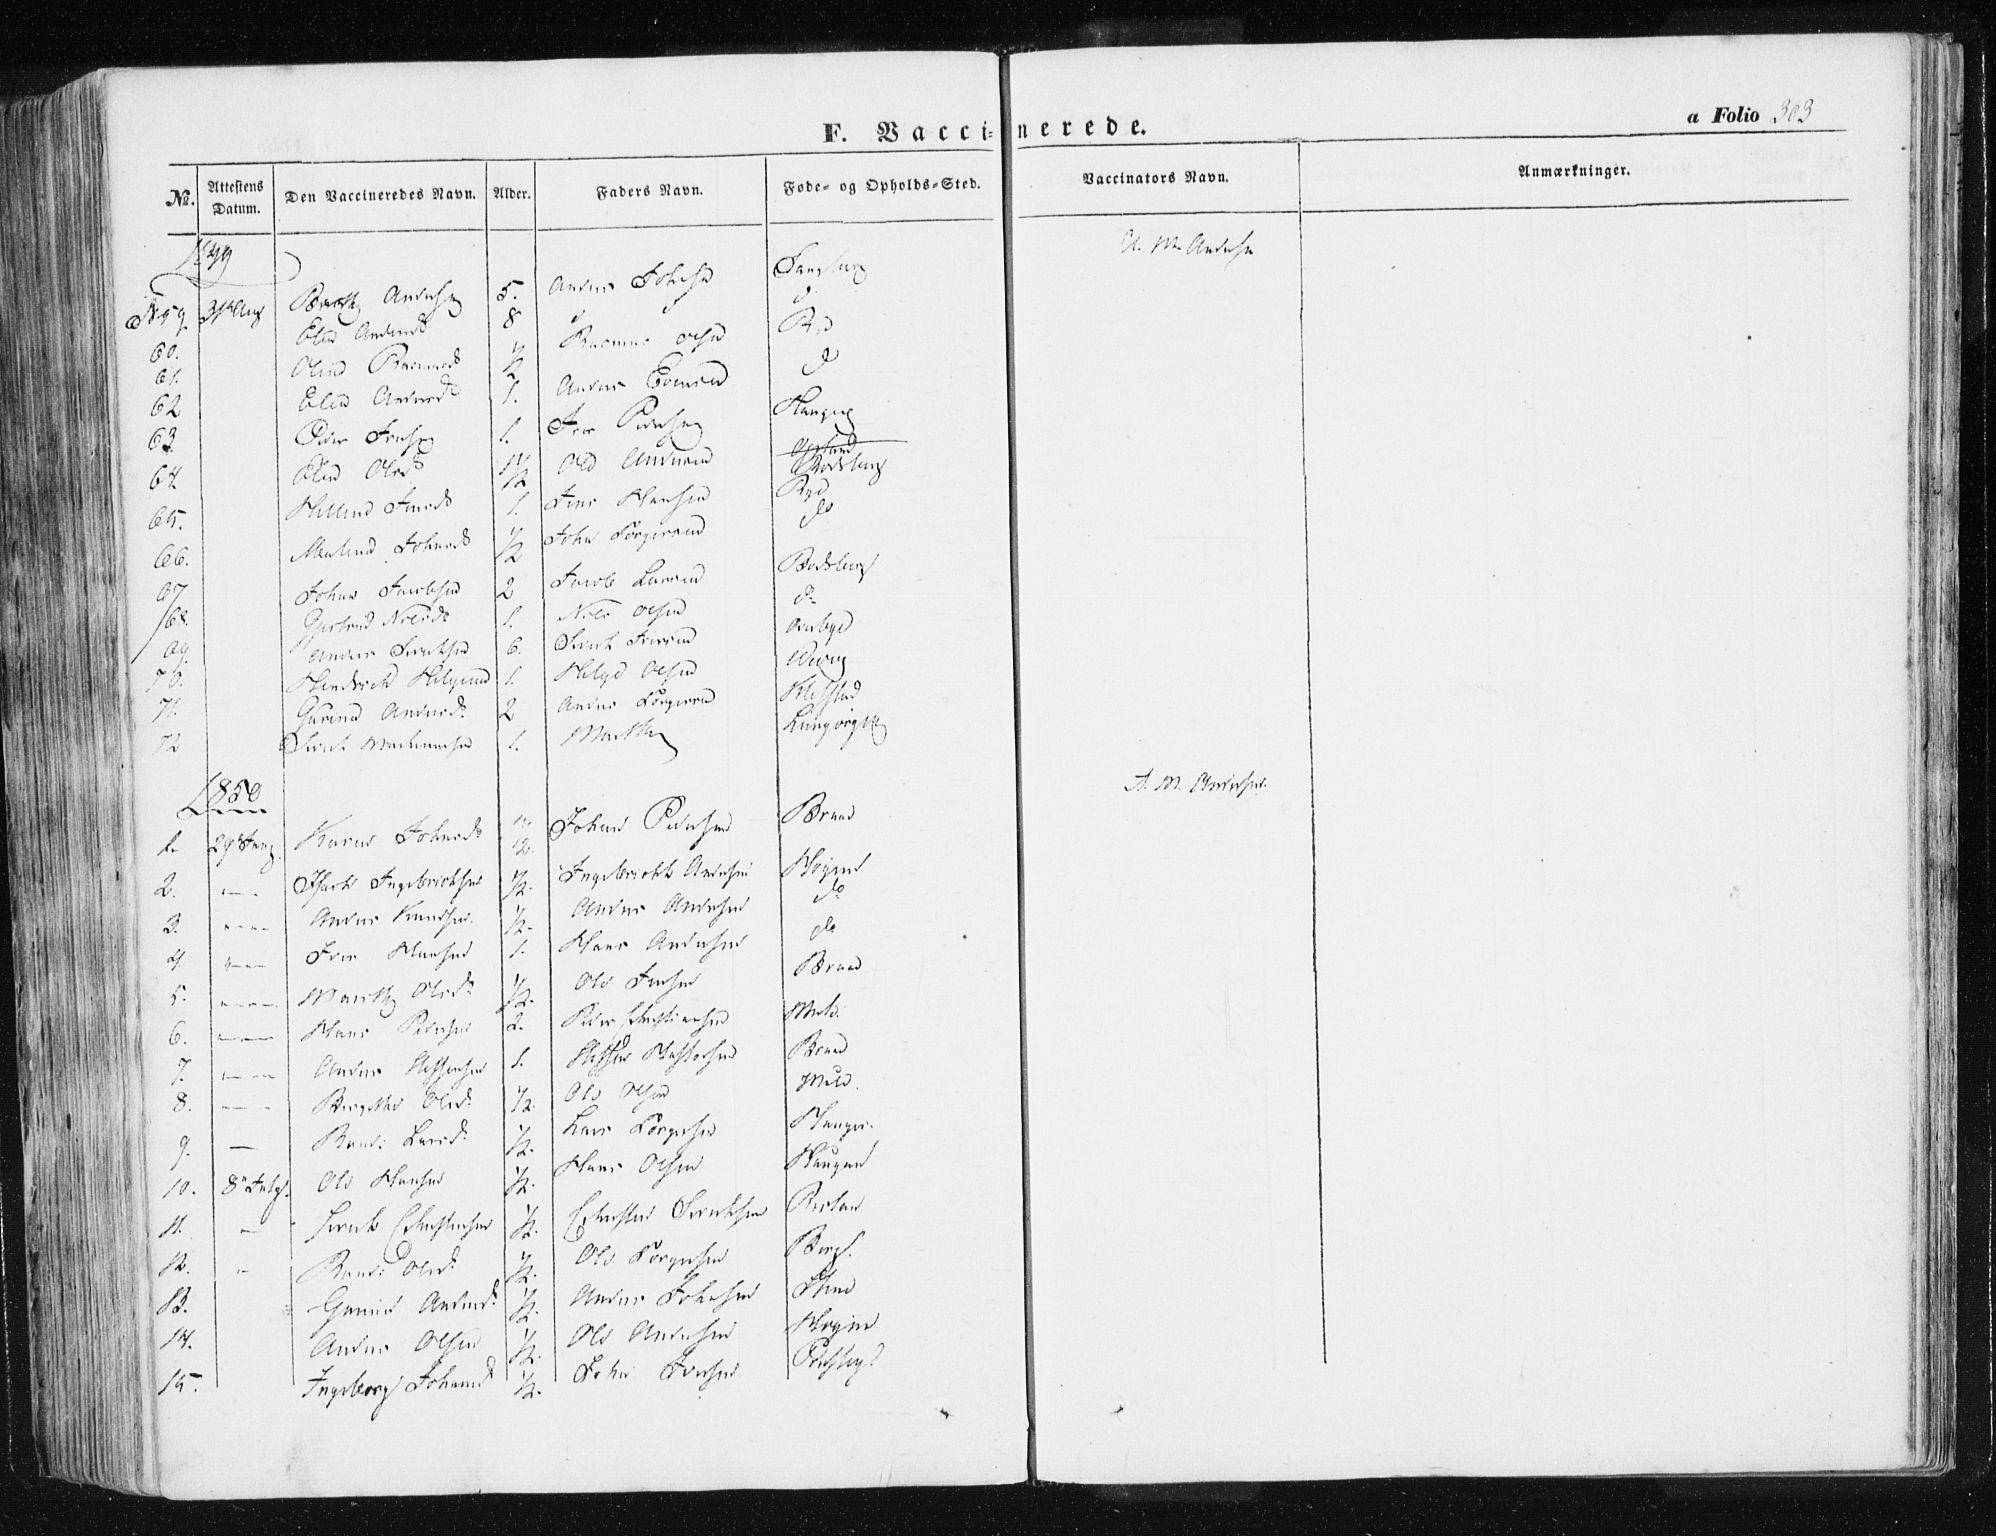 SAT, Ministerialprotokoller, klokkerbøker og fødselsregistre - Sør-Trøndelag, 612/L0376: Ministerialbok nr. 612A08, 1846-1859, s. 303